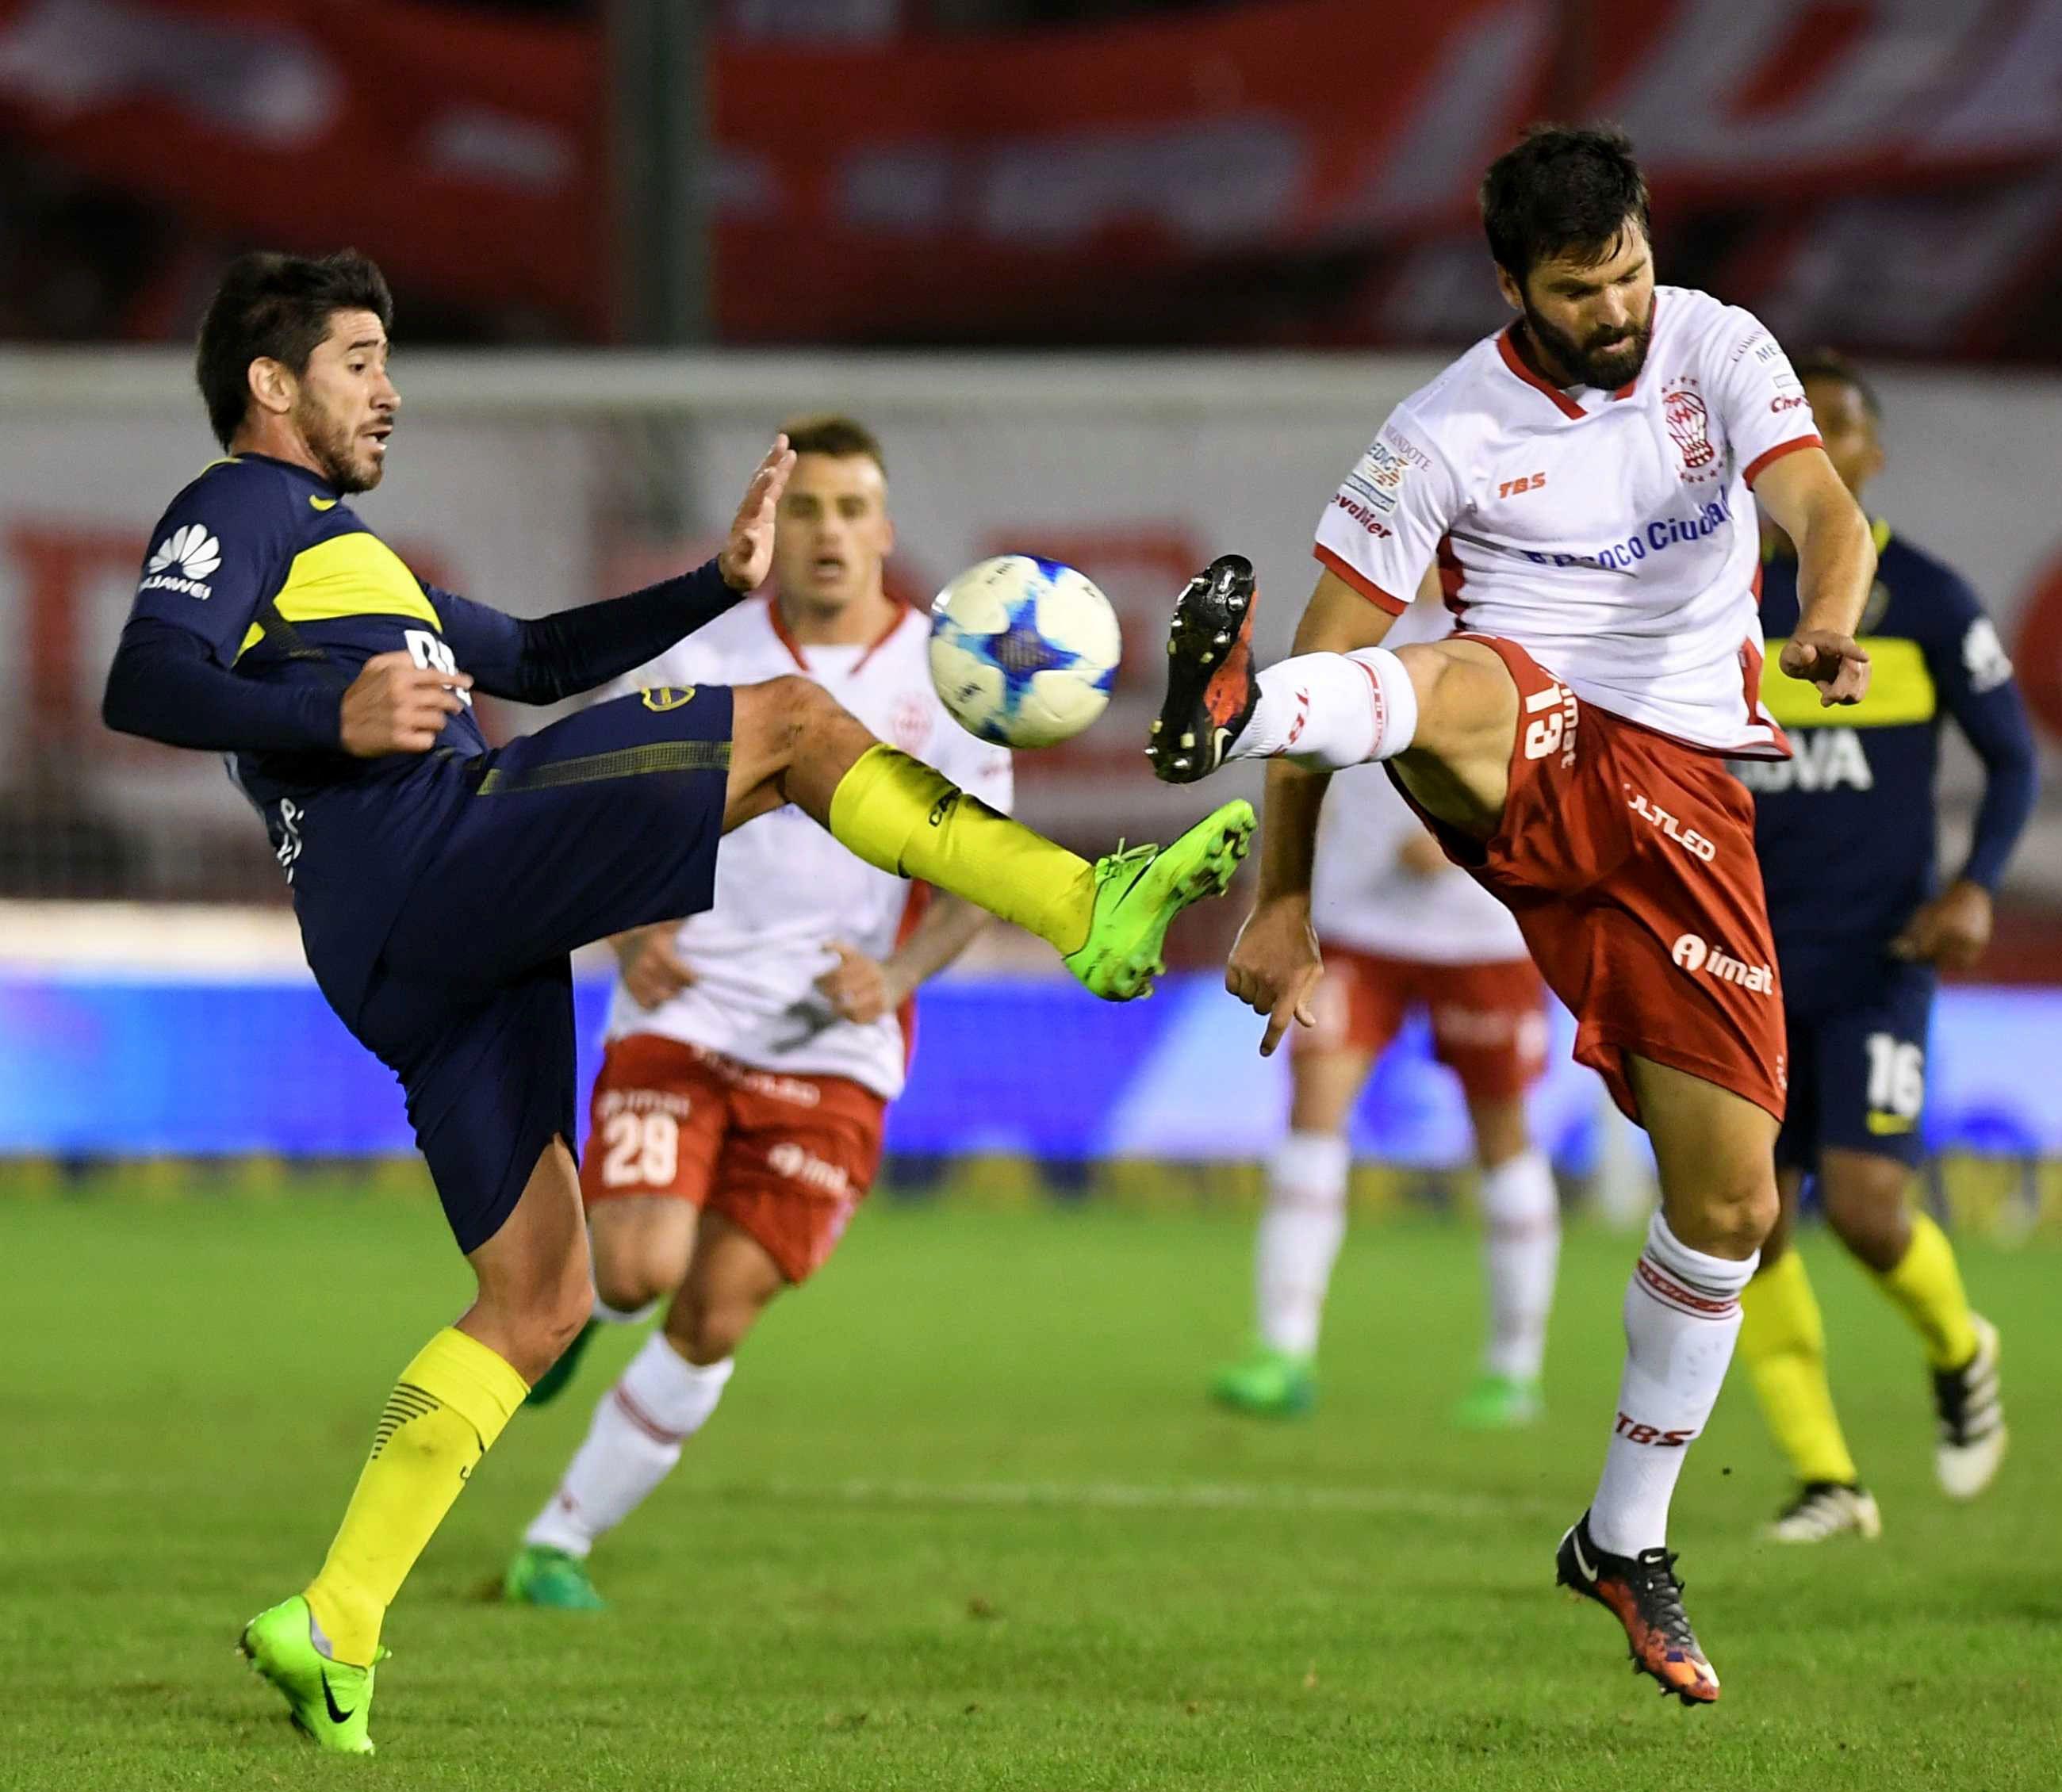 Con una polémica, Huracán empató y Boca perdió dos puntos clave